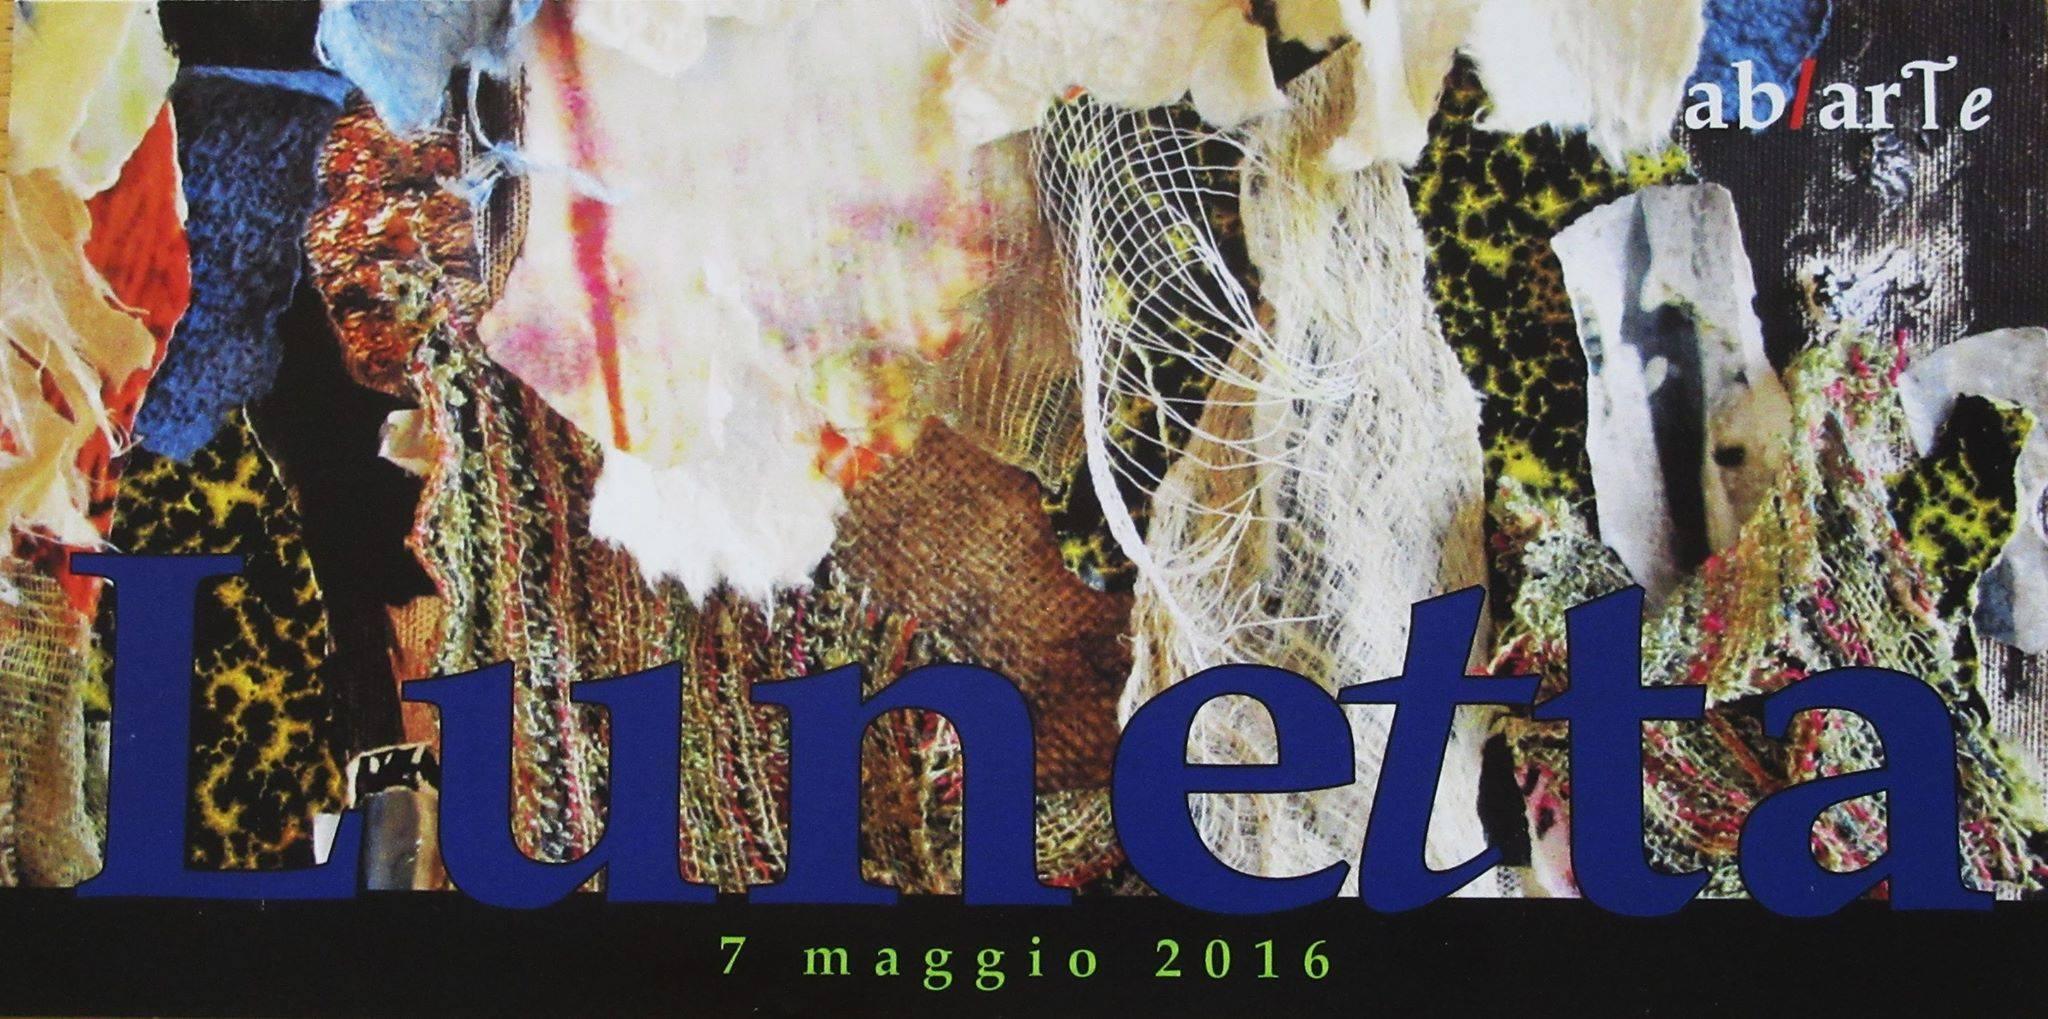 invito-monografia-silvana-lunetta-2016